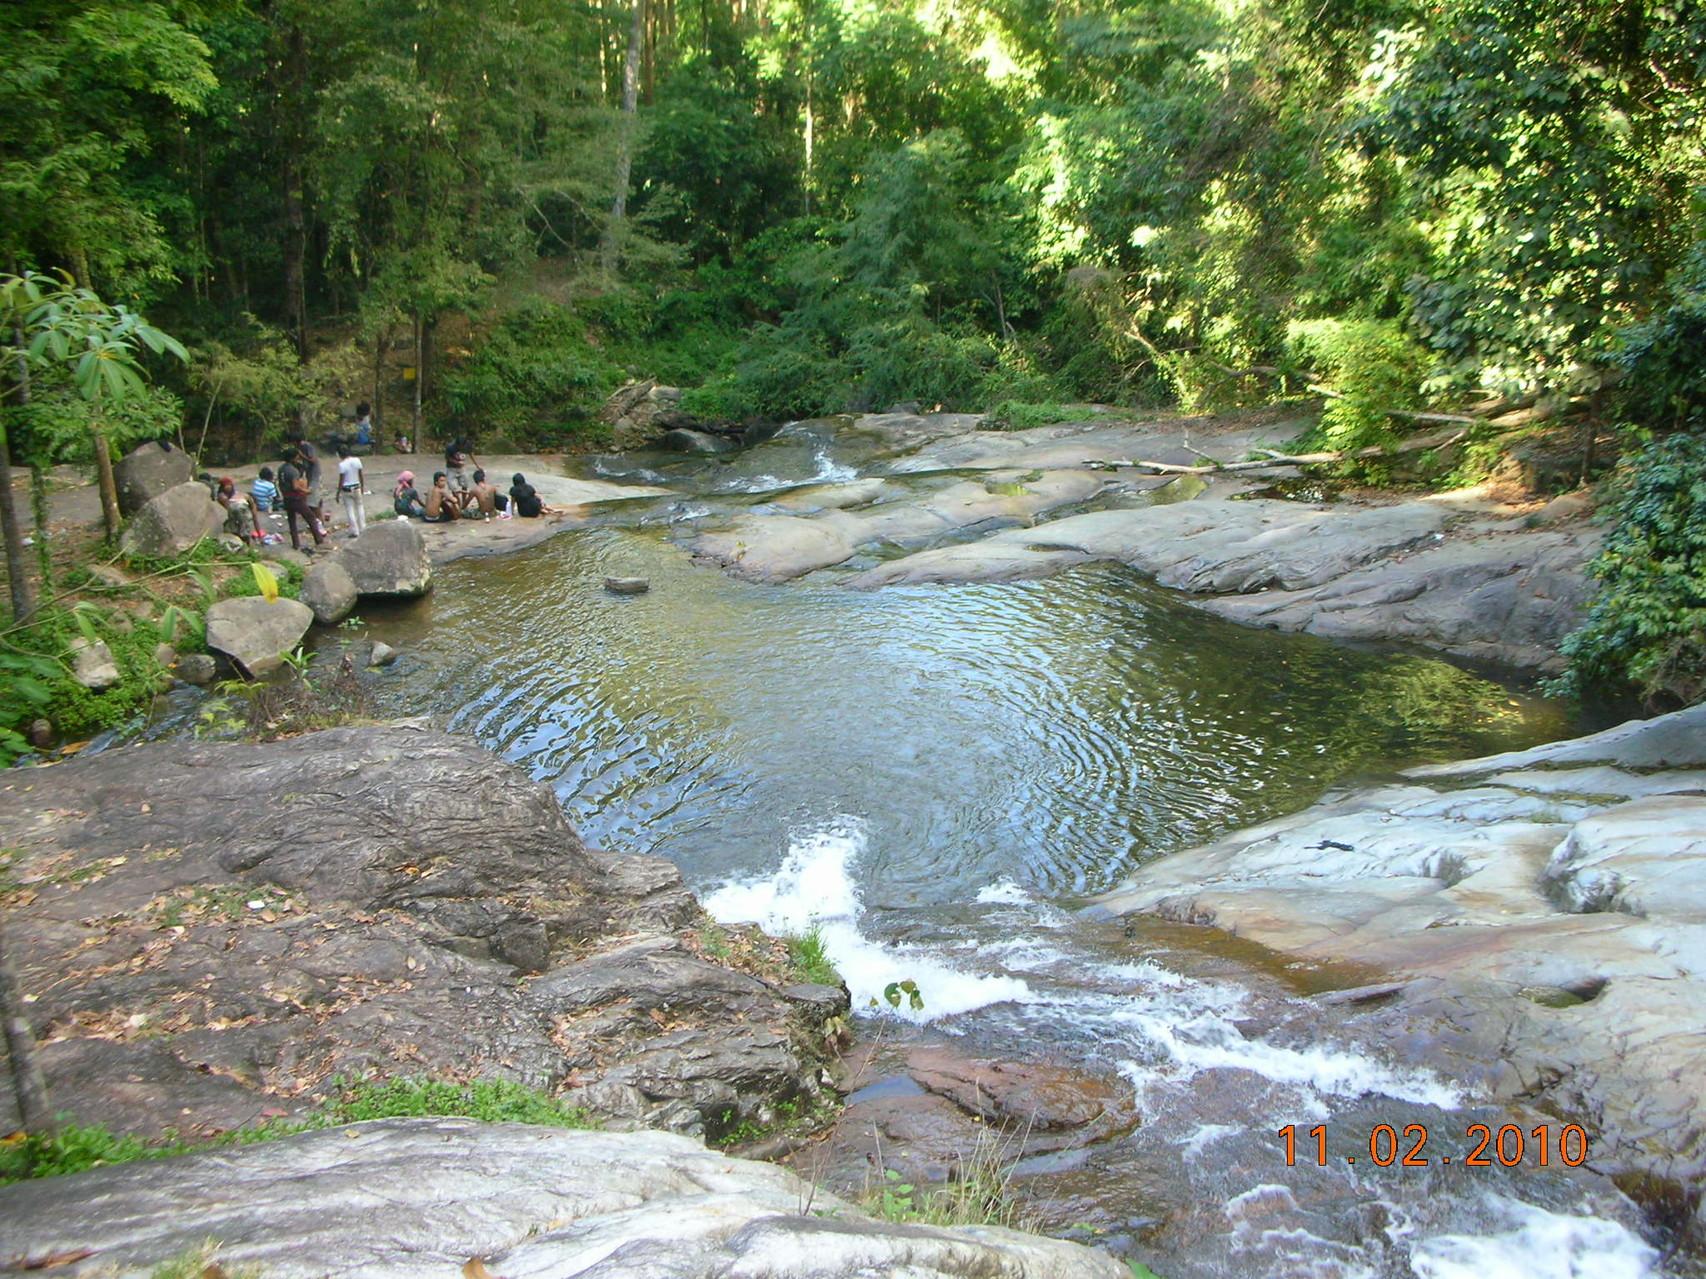 In der Hitzeperiode bieten die Wasserfall-Becken die erfrischendste Abkühlung